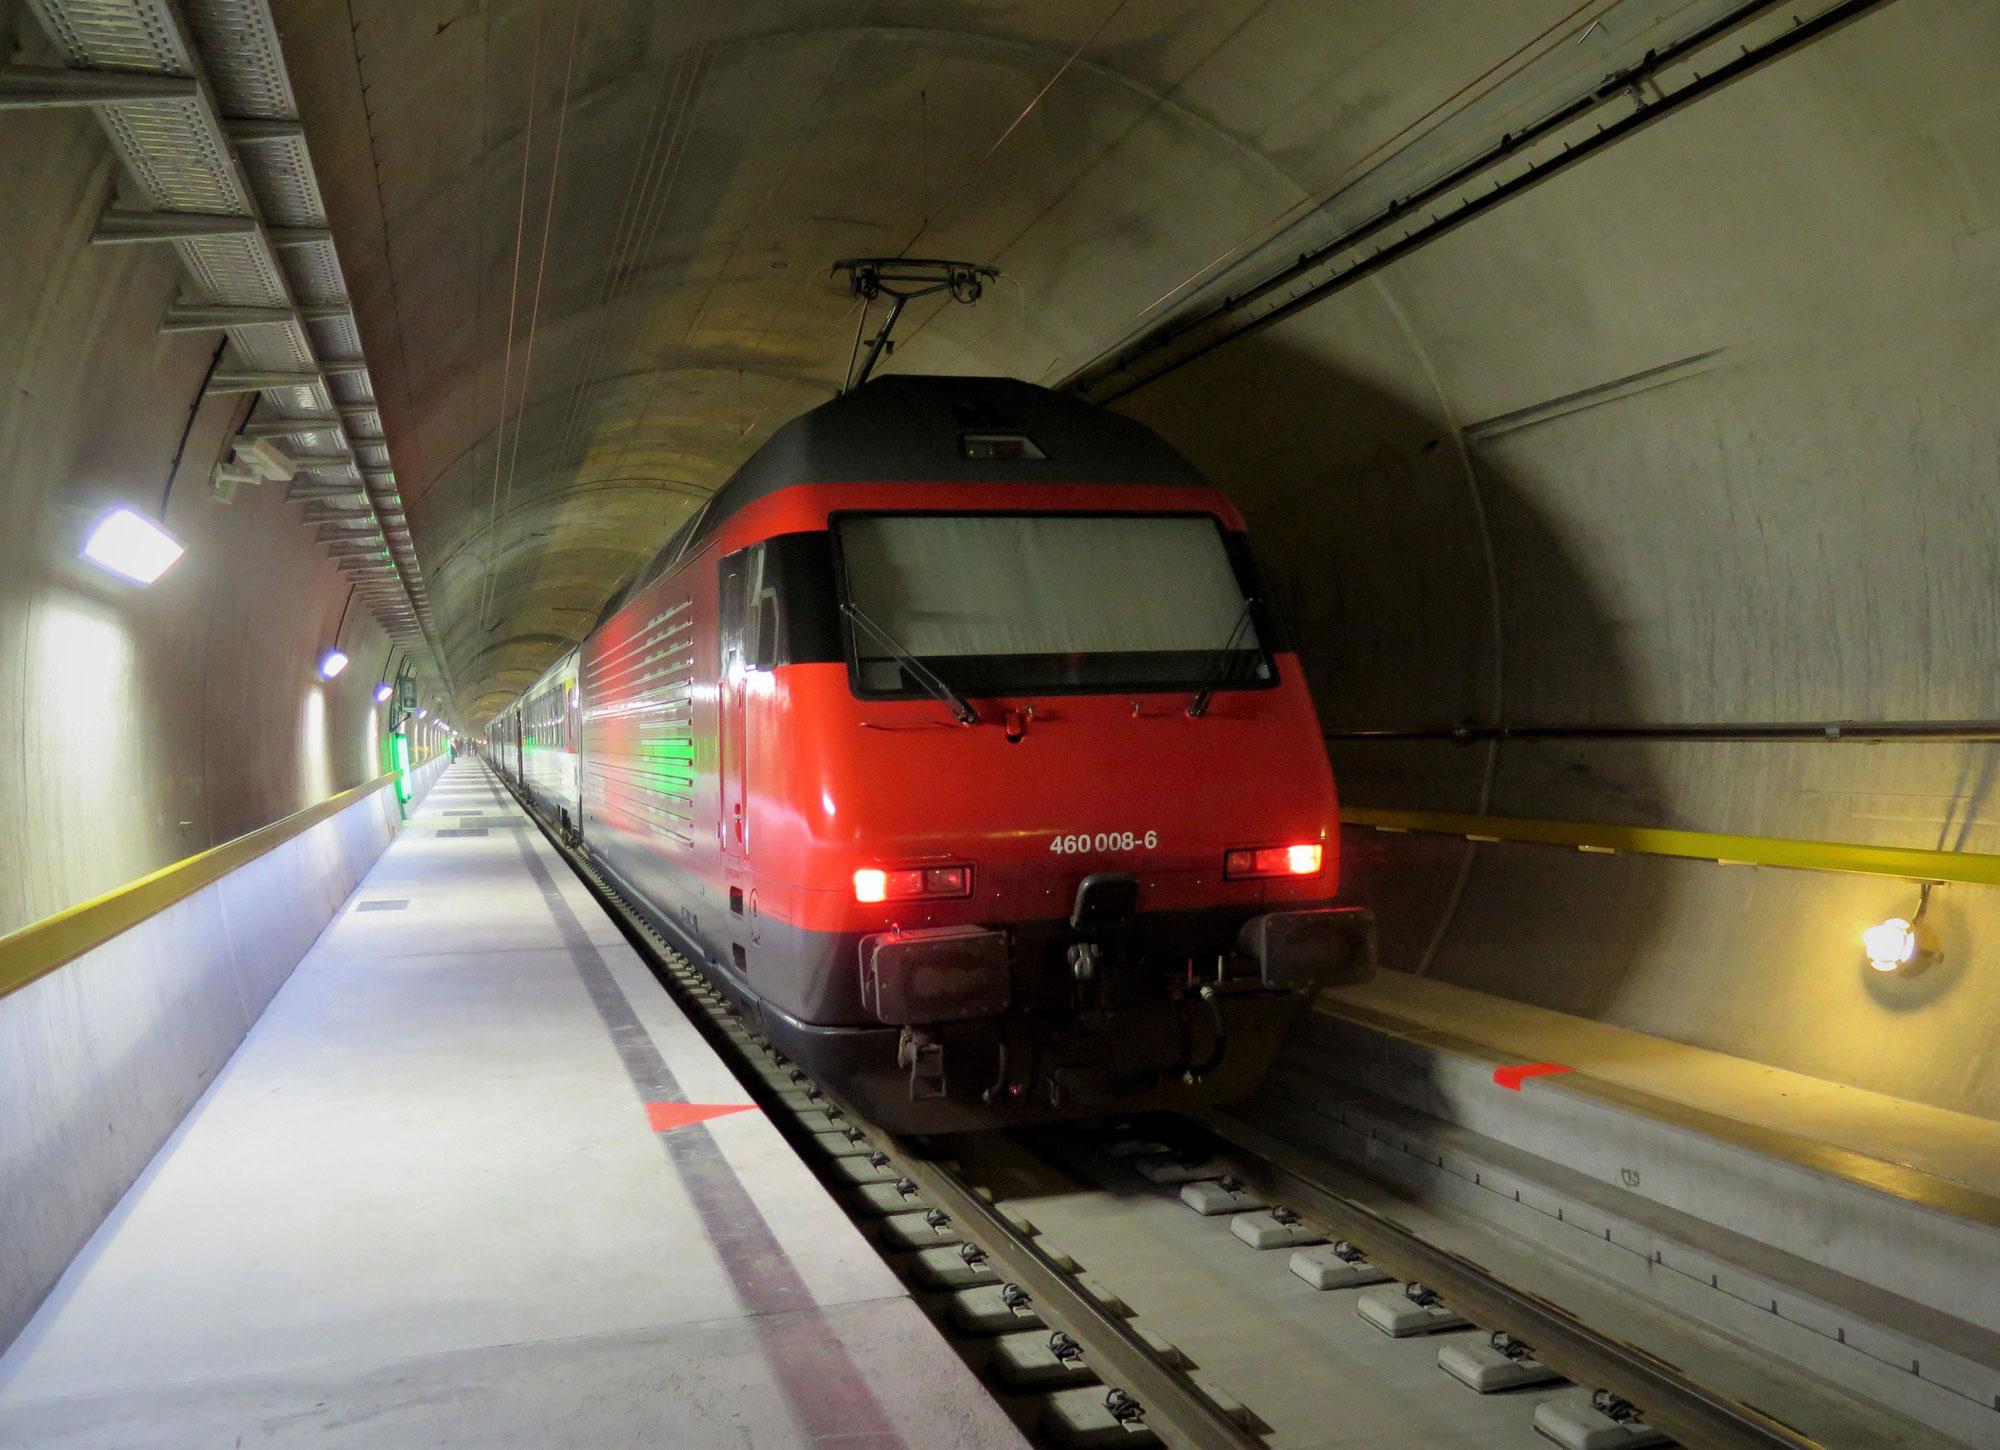 28 Prozent mehr Bahnreisende am Gotthard nach Eröffnung des Basistunnels (GBT) 2016